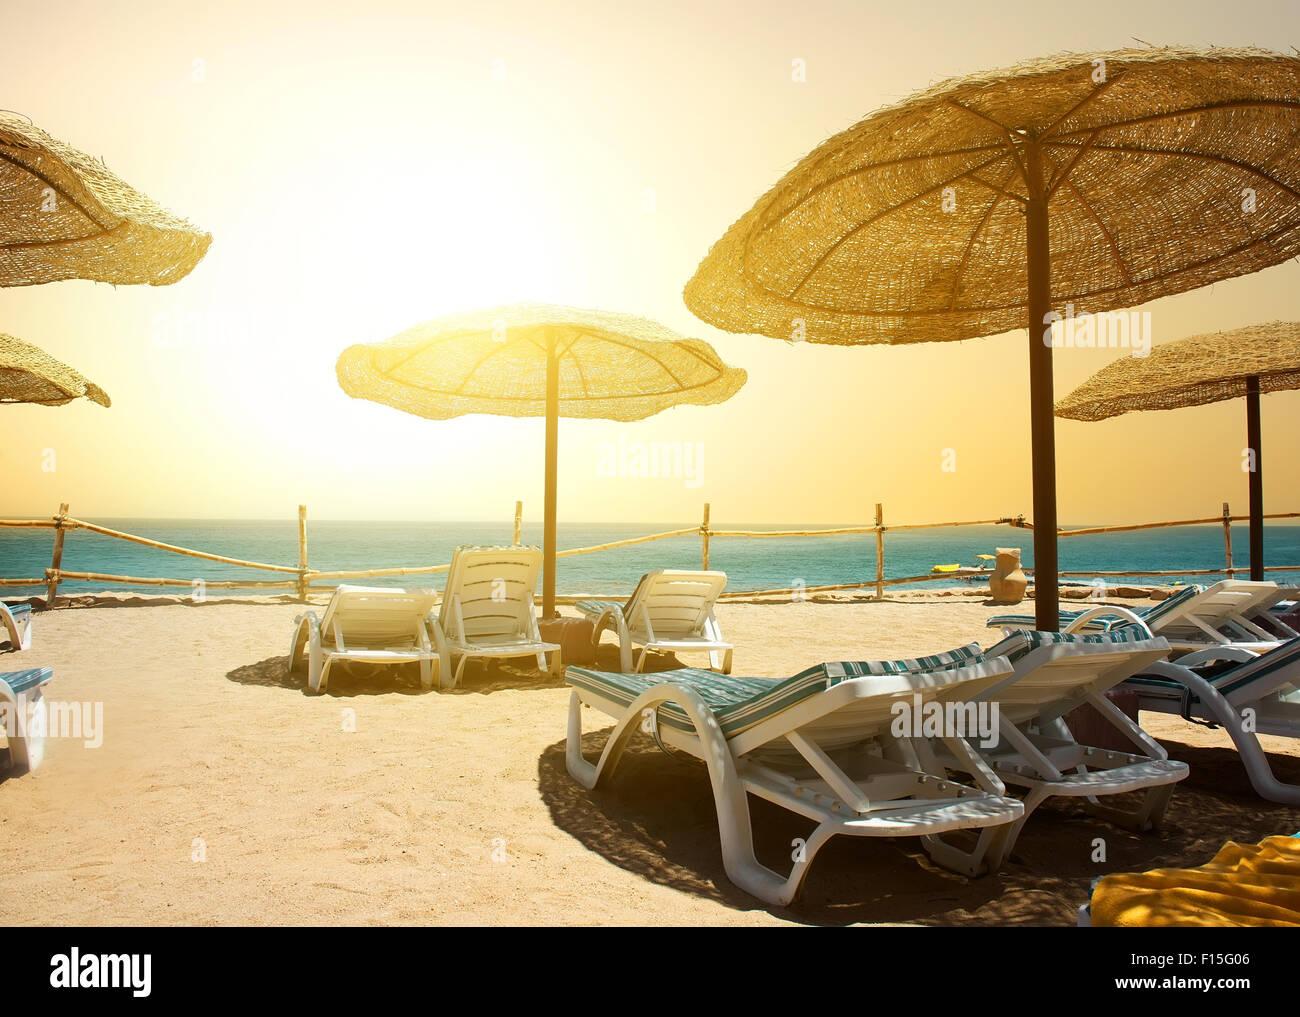 Playa de arena cerca del mar rojo al atardecer Imagen De Stock